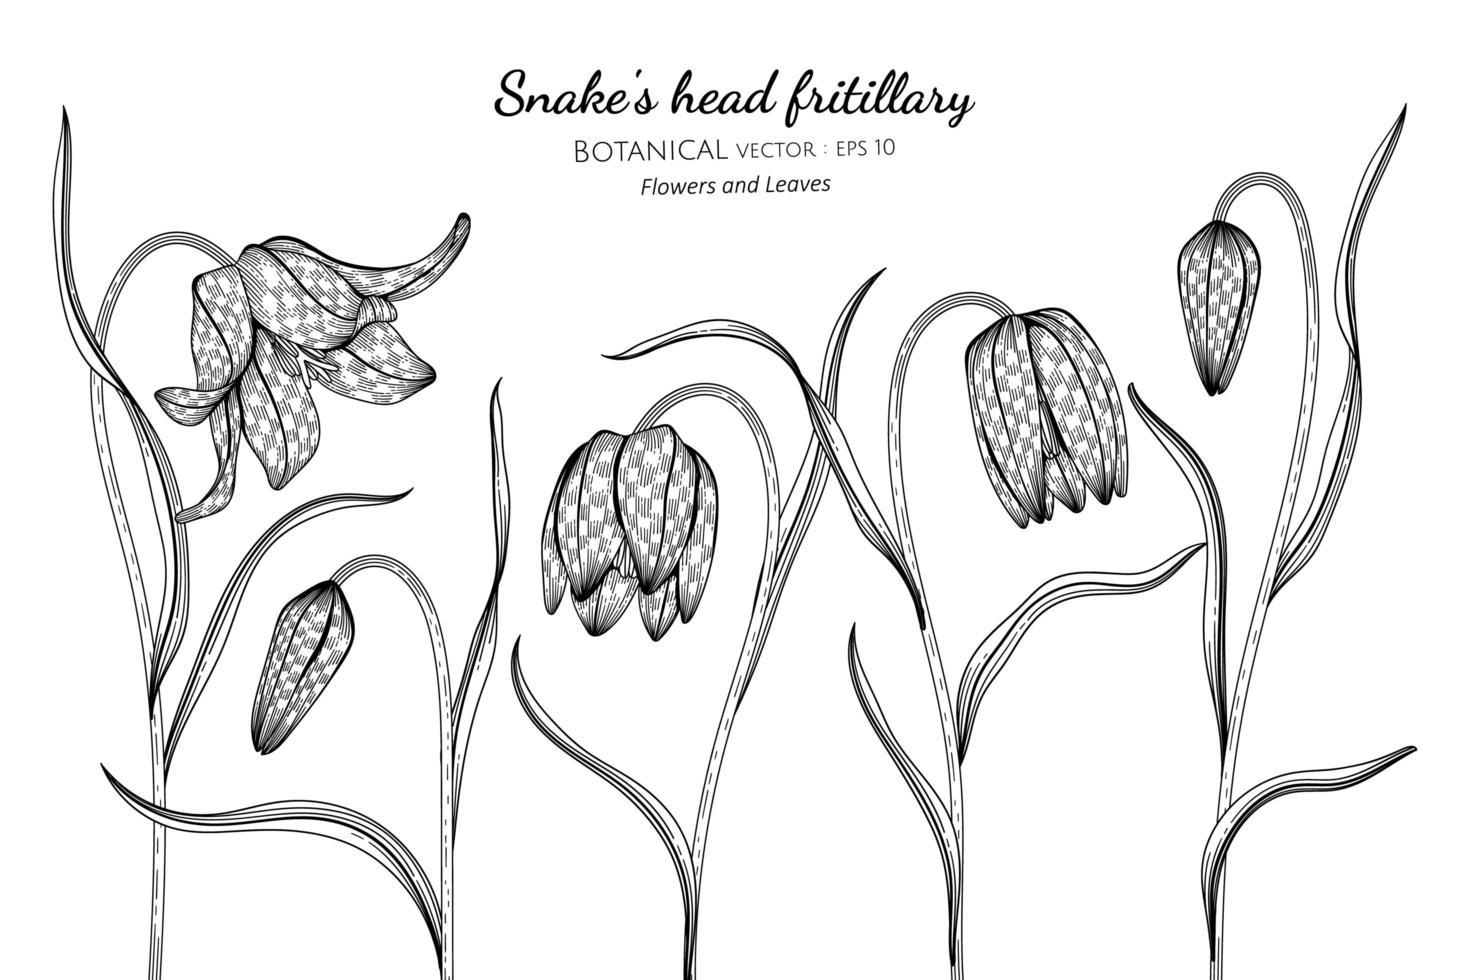 mão desenhada cabeça de cobra flor fritillary vetor